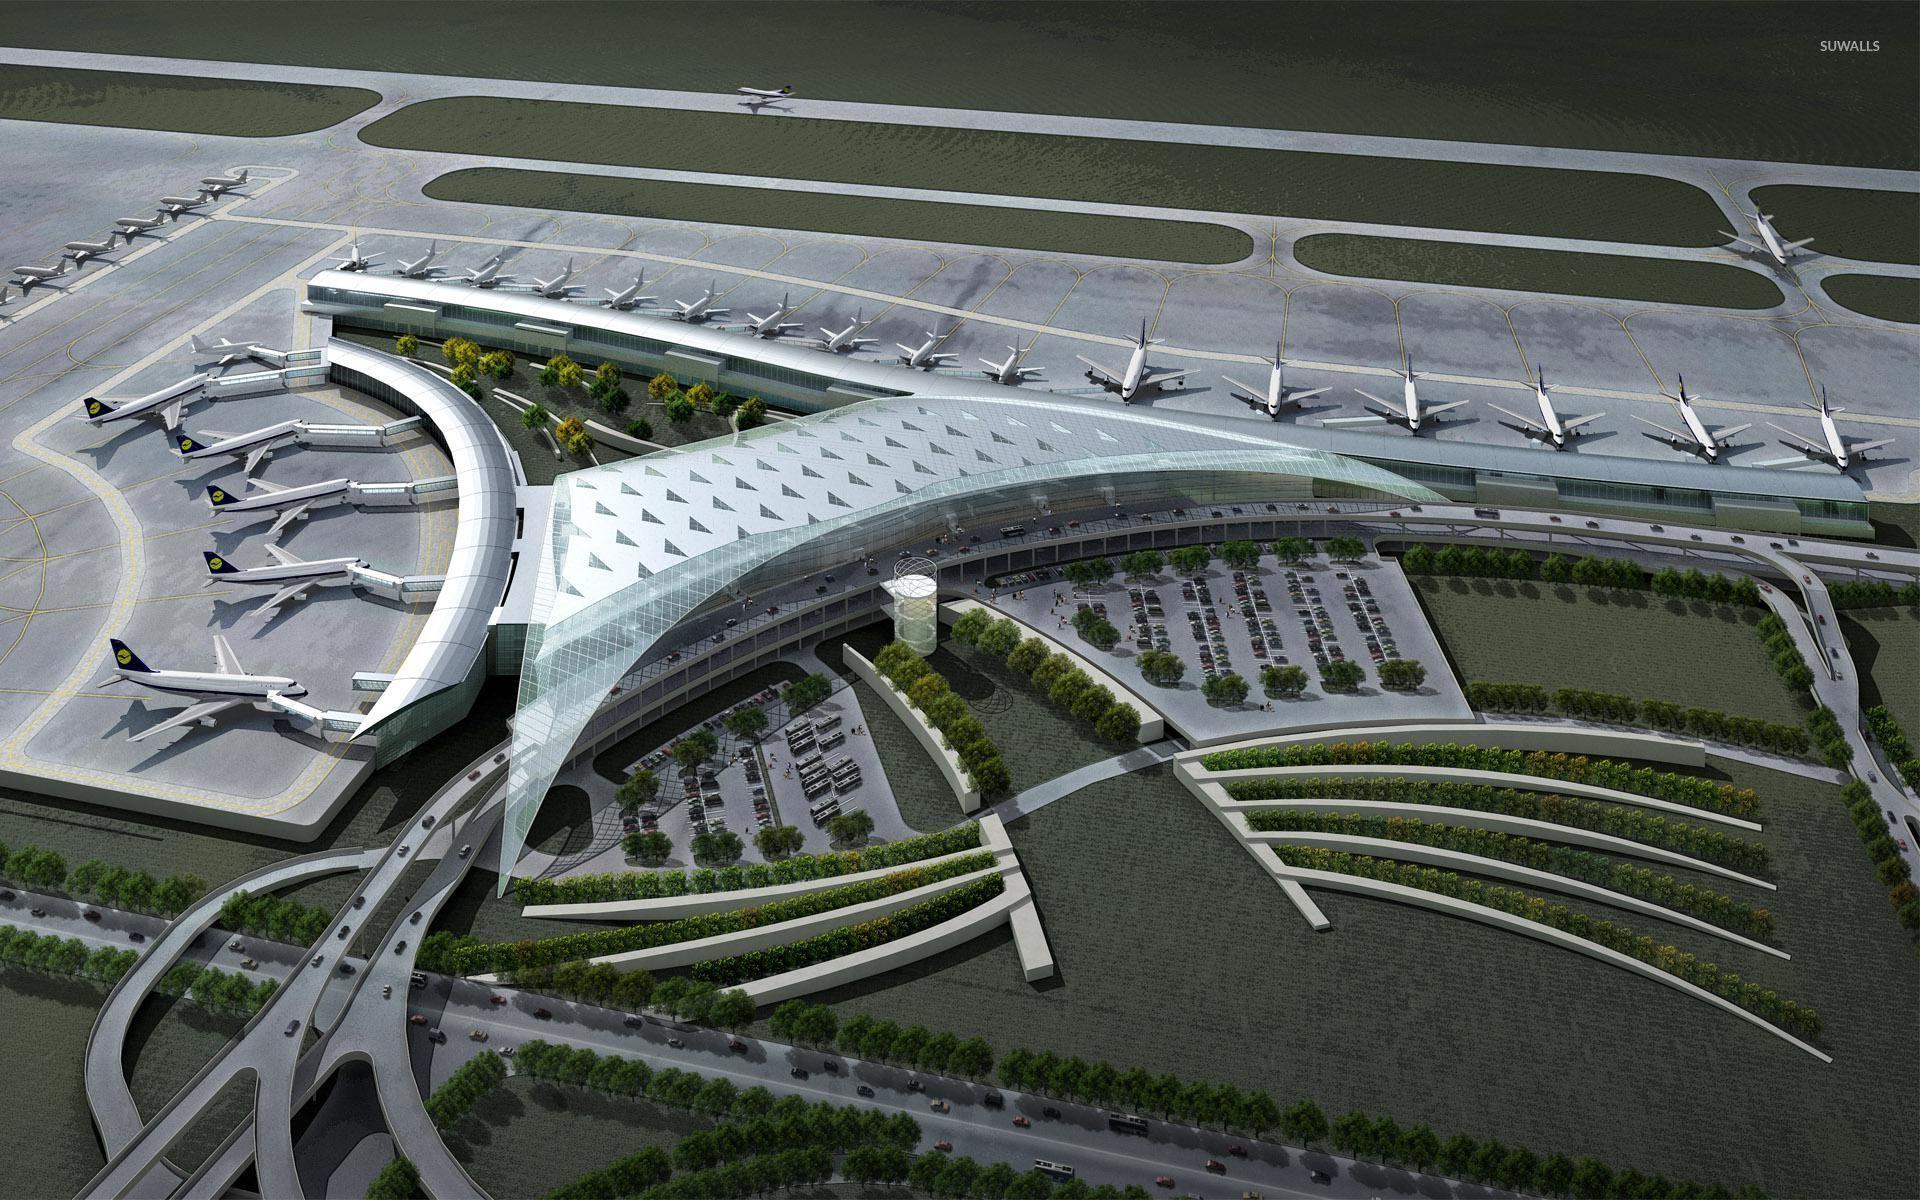 Airport [2] wallpaper - Digital Art wallpapers - #28153